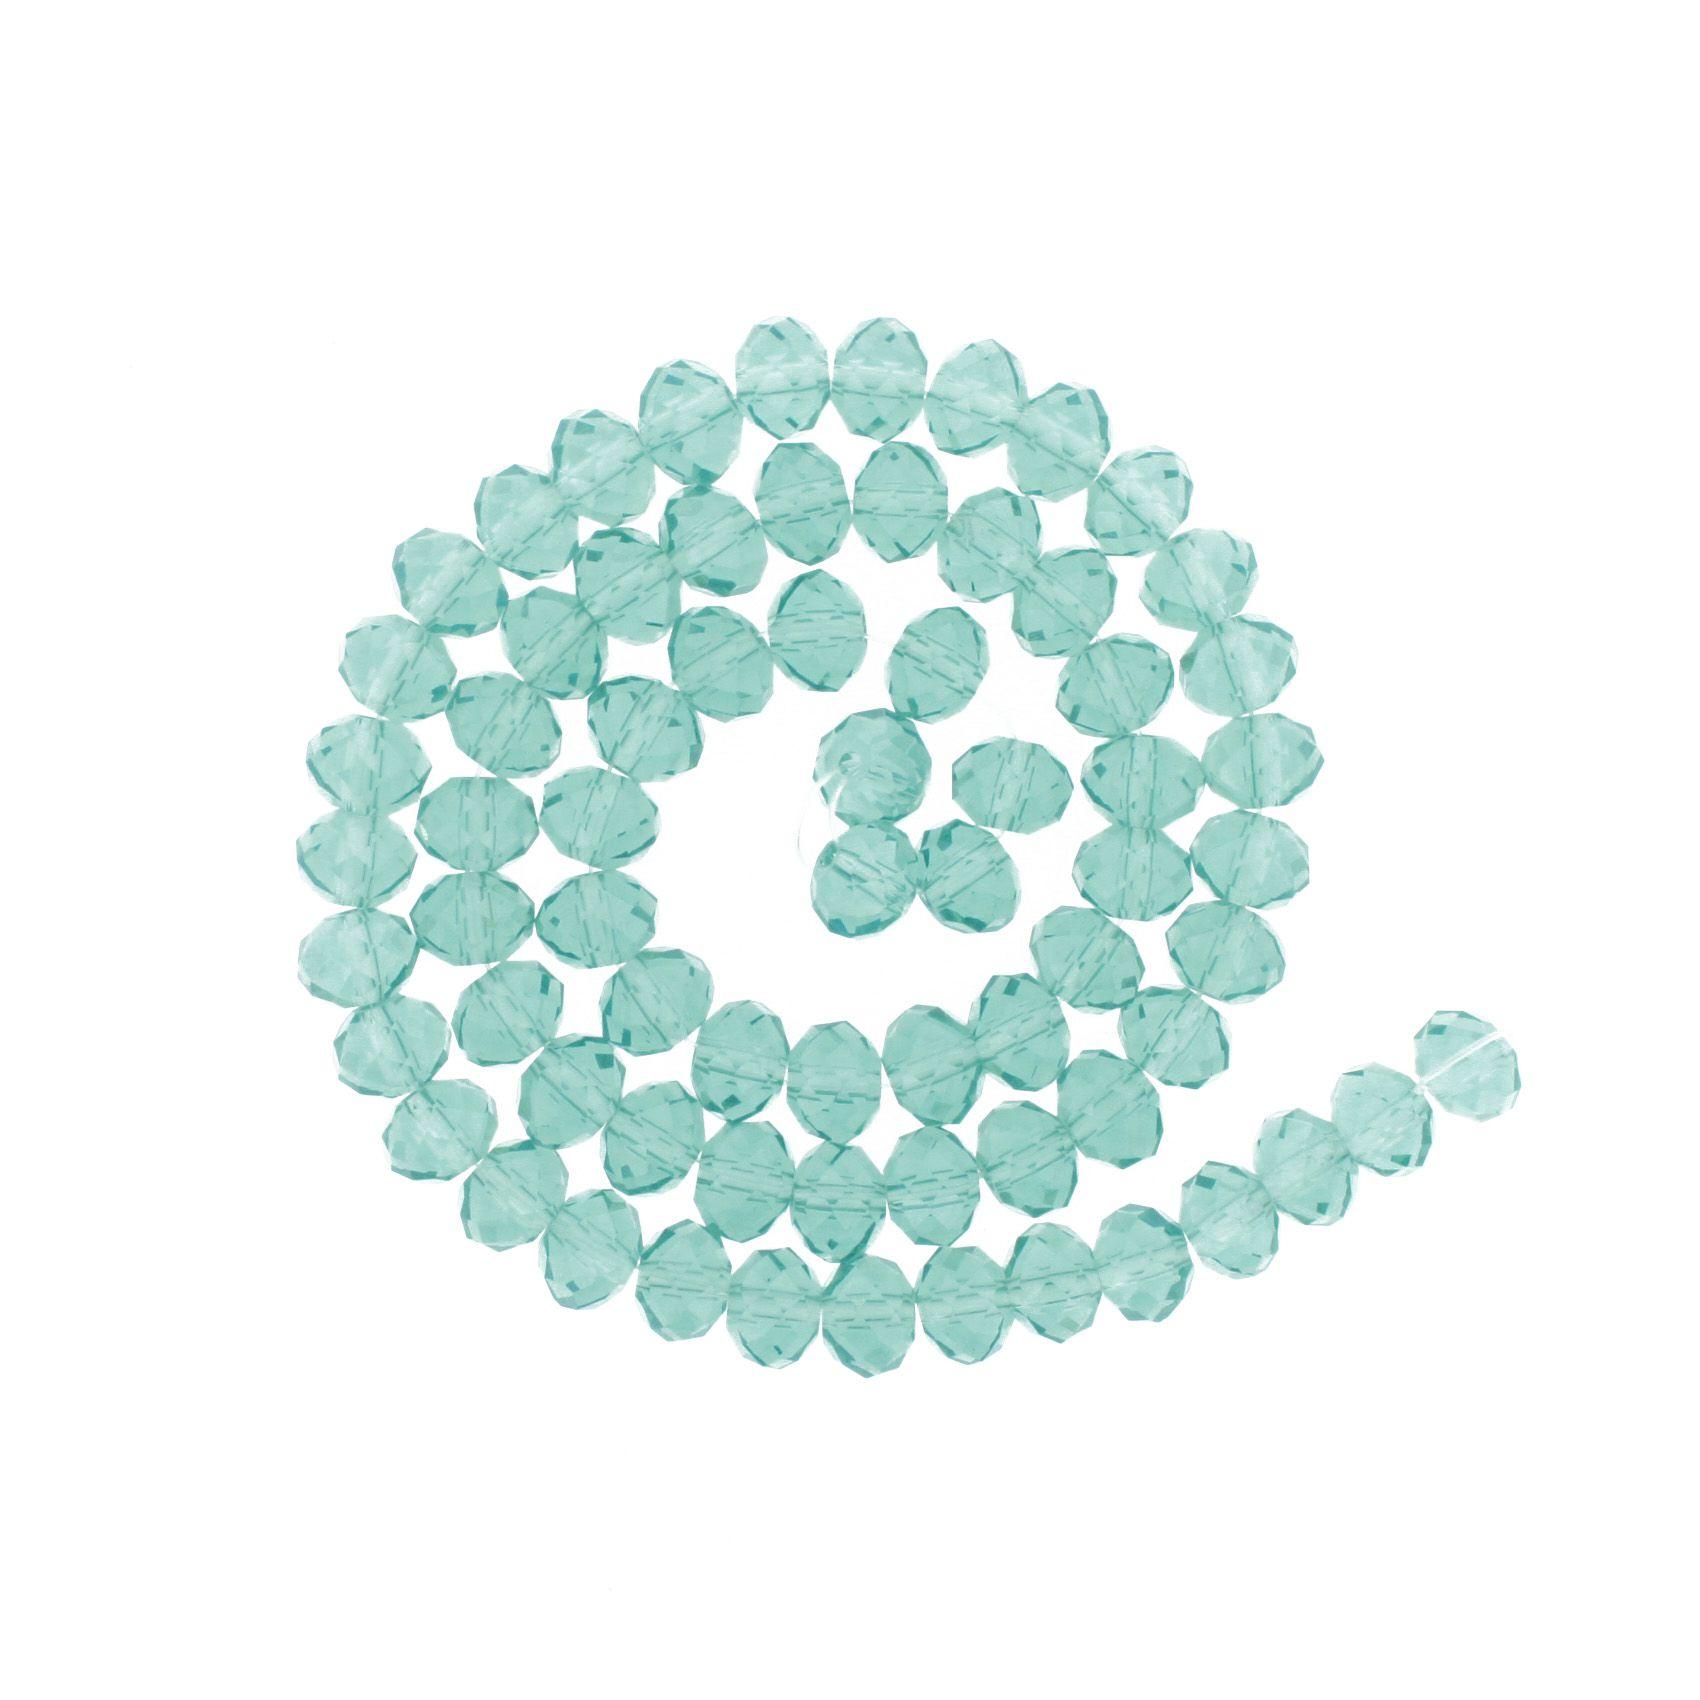 Fio de Cristal - Piatto® - Verde Água - 8mm  - Universo Religioso® - Artigos de Umbanda e Candomblé